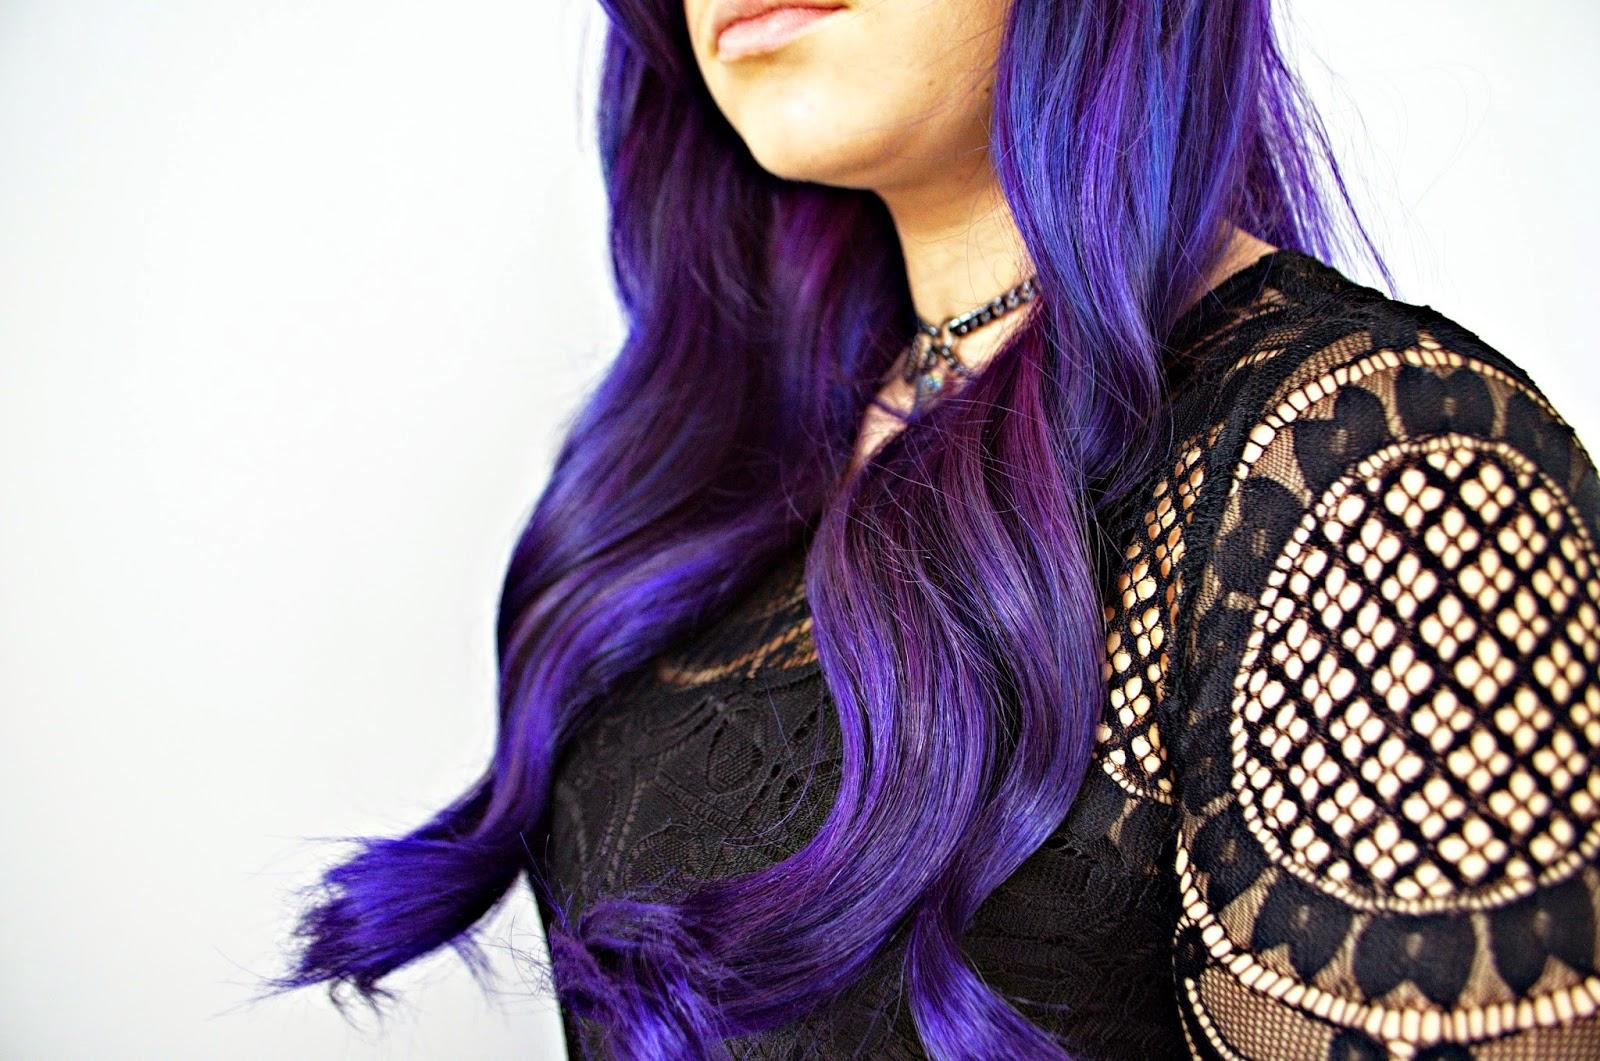 Vintage waves tutorial with purple hair.